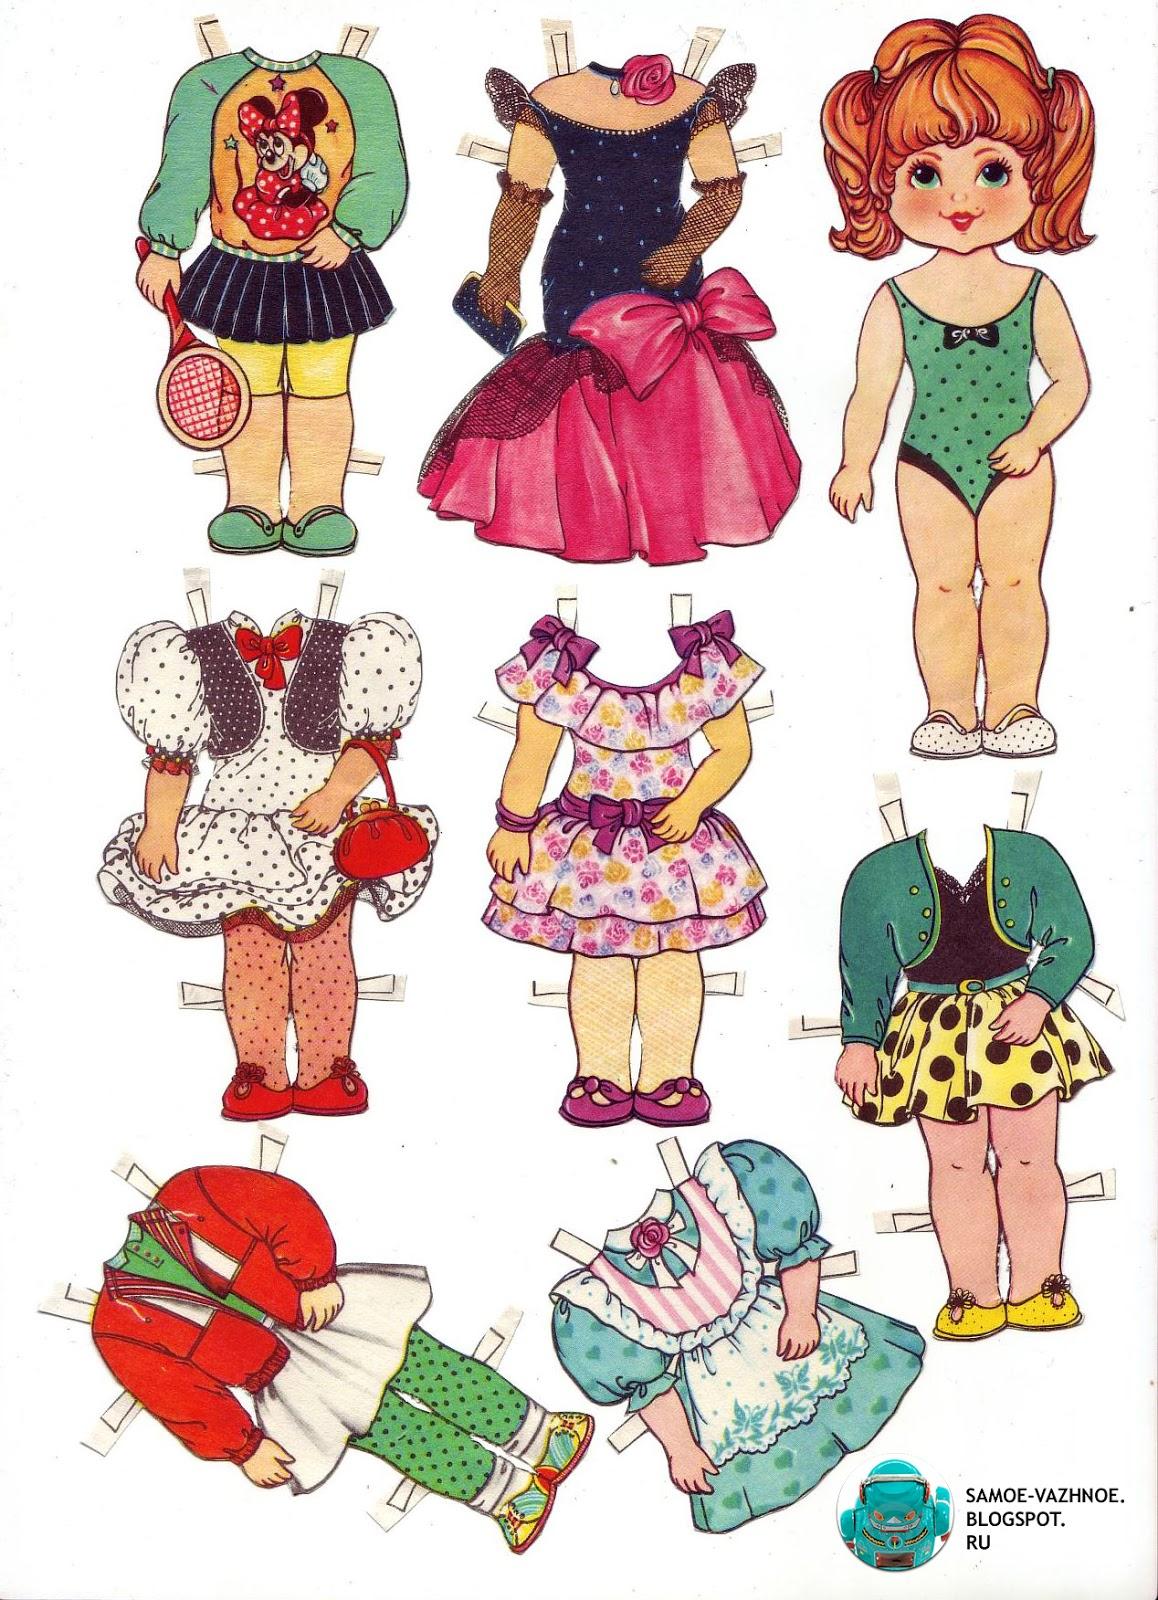 Модный салон бумажные куклы. Бумажные куклы Модный салон 90-х. Бумажные куклы Модный салон 90-х СССР, советские. Советские бумажные куклы Модный салон 90-х. Бумажная кукла СССР Модный салон 90-х. Вырезные куклы Модный салон 90-х СССР советские старые из детства.  Картонные куклы с одеждой Модный салон 90-х СССР советские старые из детства. Игра Одень куклу Модный салон 90-х СССР советские старые из детства. Бумажная кукла Модный салон 90-х мальчик и девочка зелёный купальник 2 два хвостика хвоста рыжие волосы  СССР.